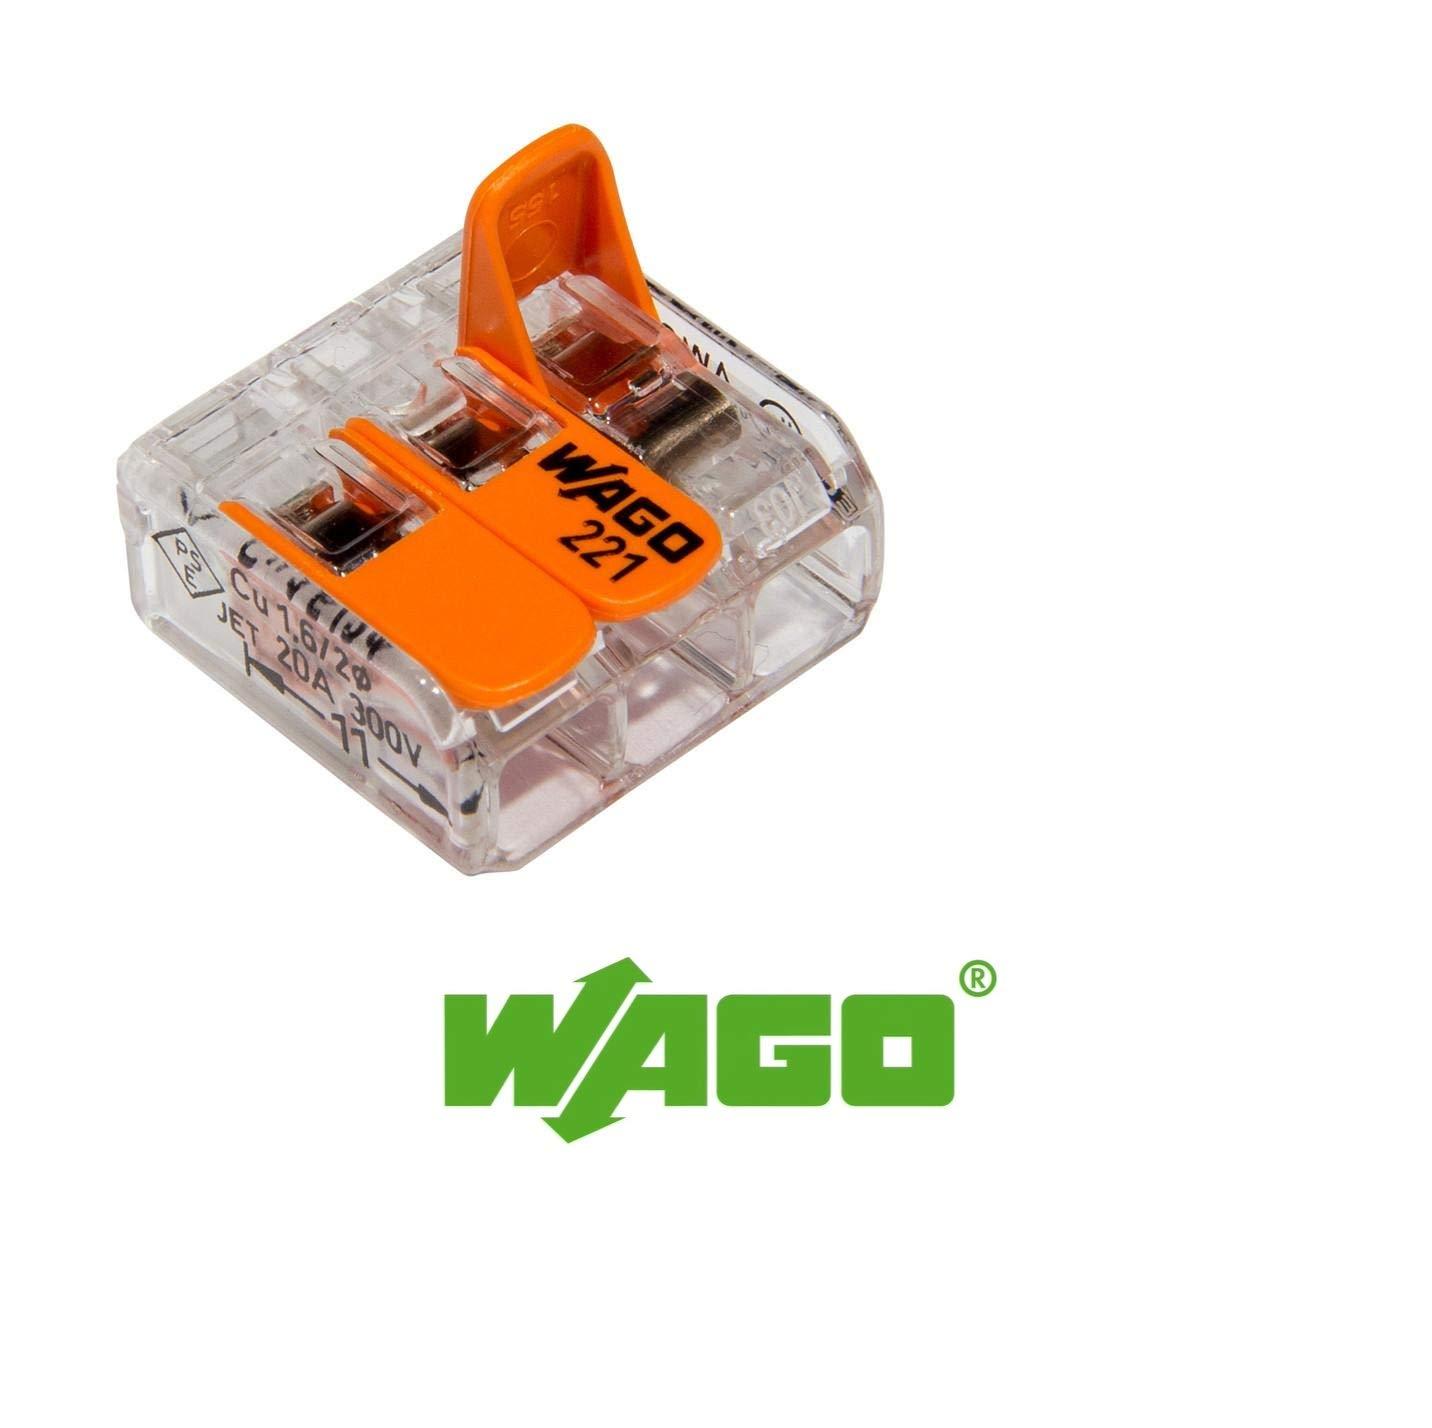 ahorra tiempo y costes con nuestros bloques y conectores de terminales de instalaci/ón por Gas N Pow3r/® serie 221 caja M L32 serie 222 Interconexiones el/éctricas WAGO/®